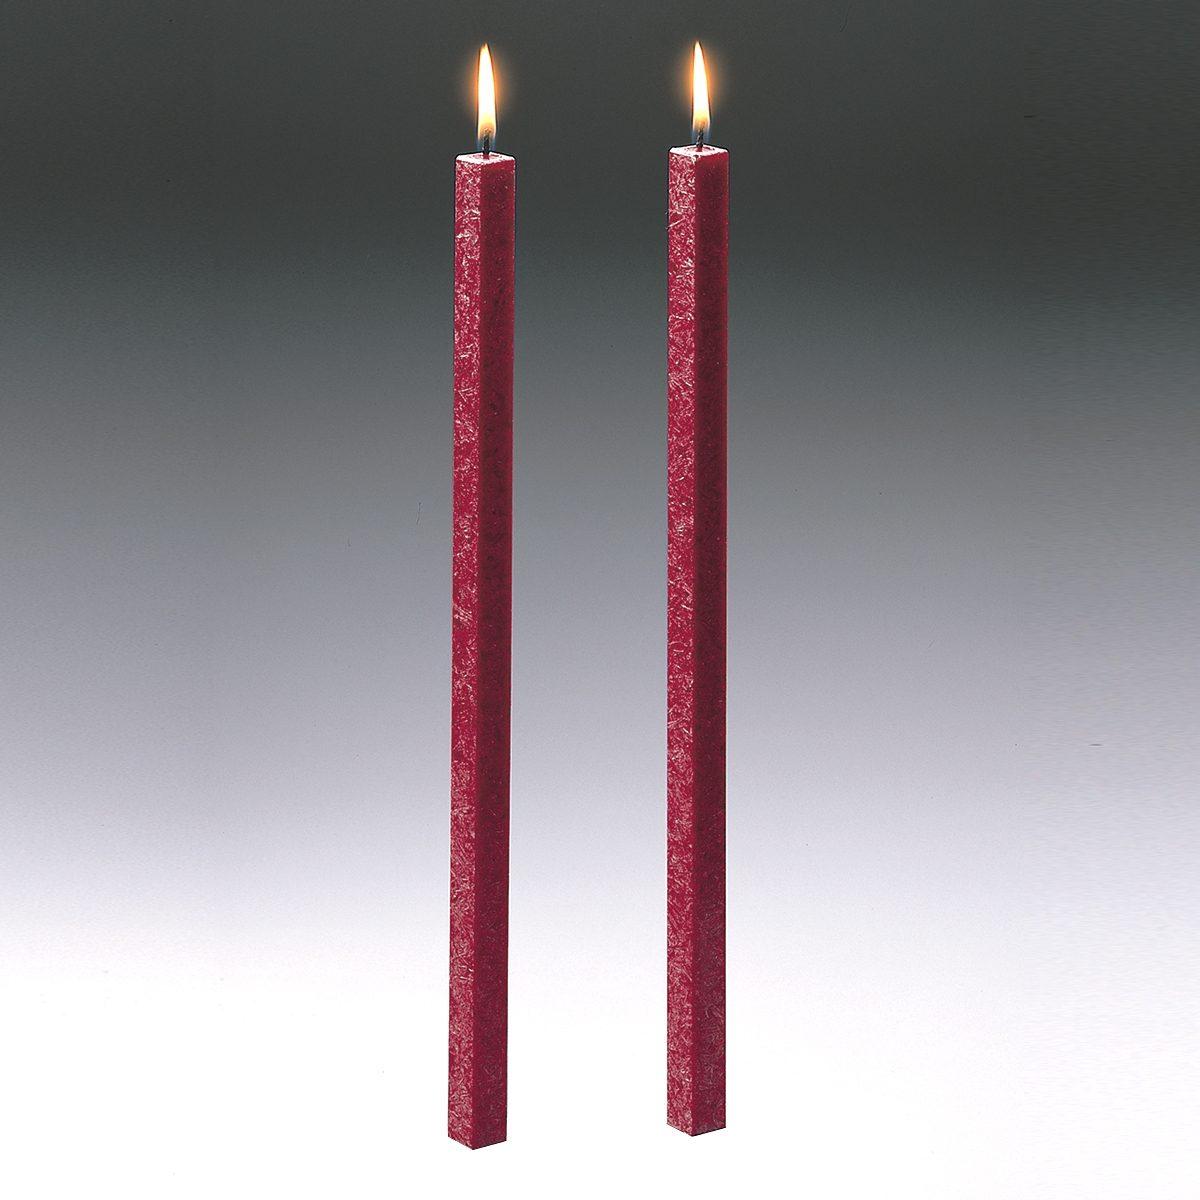 Amabiente Amabiente Kerze CLASSIC rubin 40cm - 2er Set